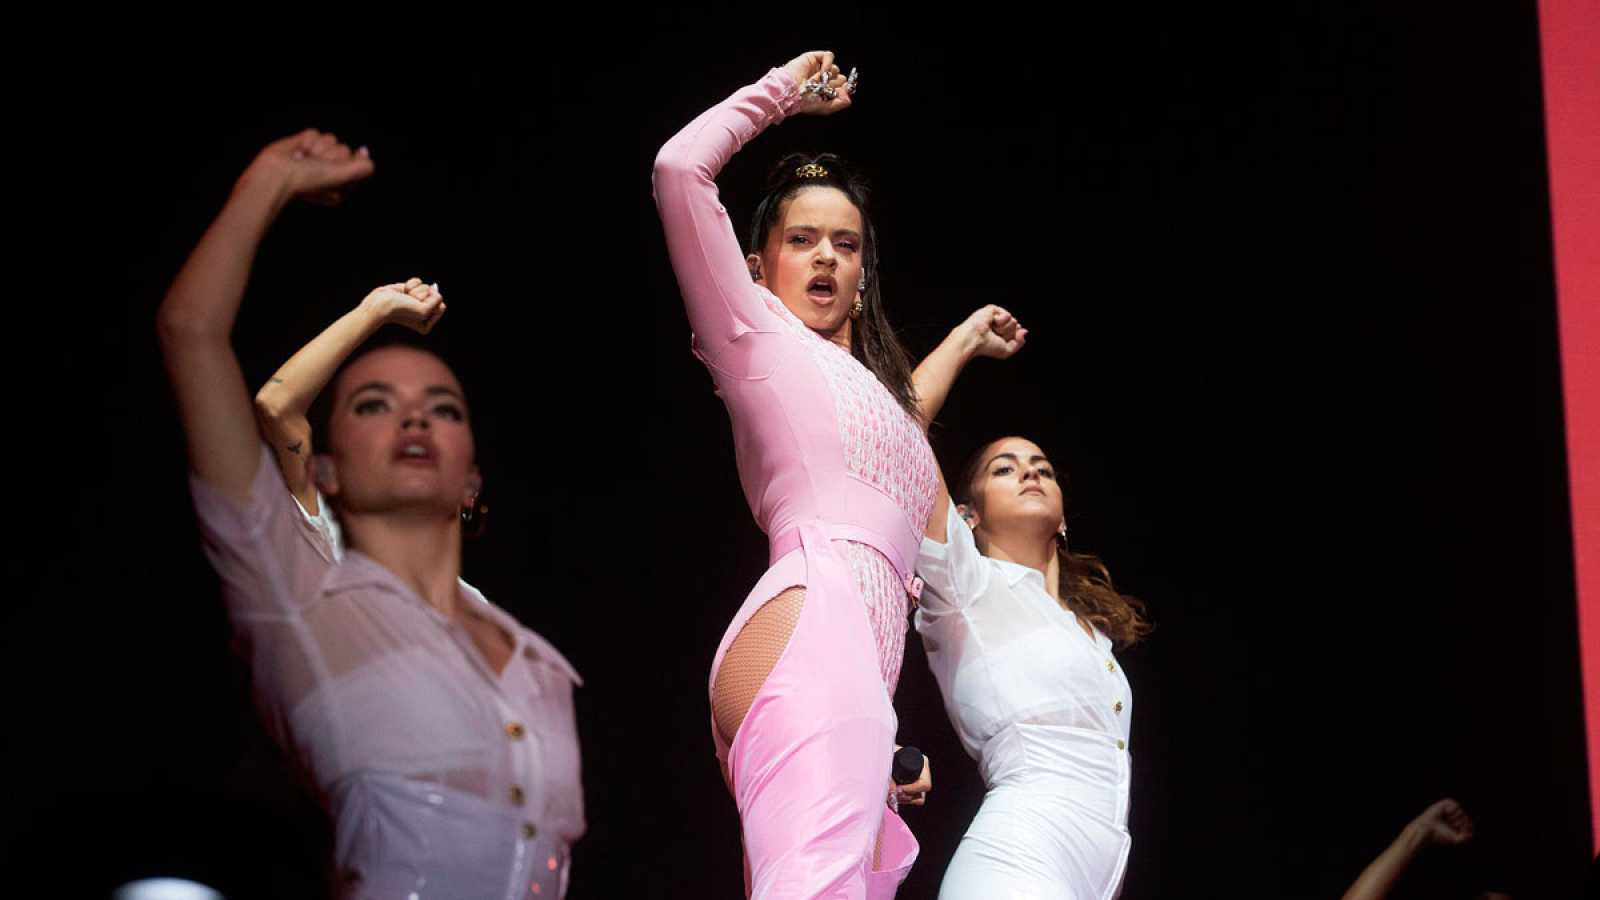 Rosalía, el ascenso imparable de la reina del flamenco pop